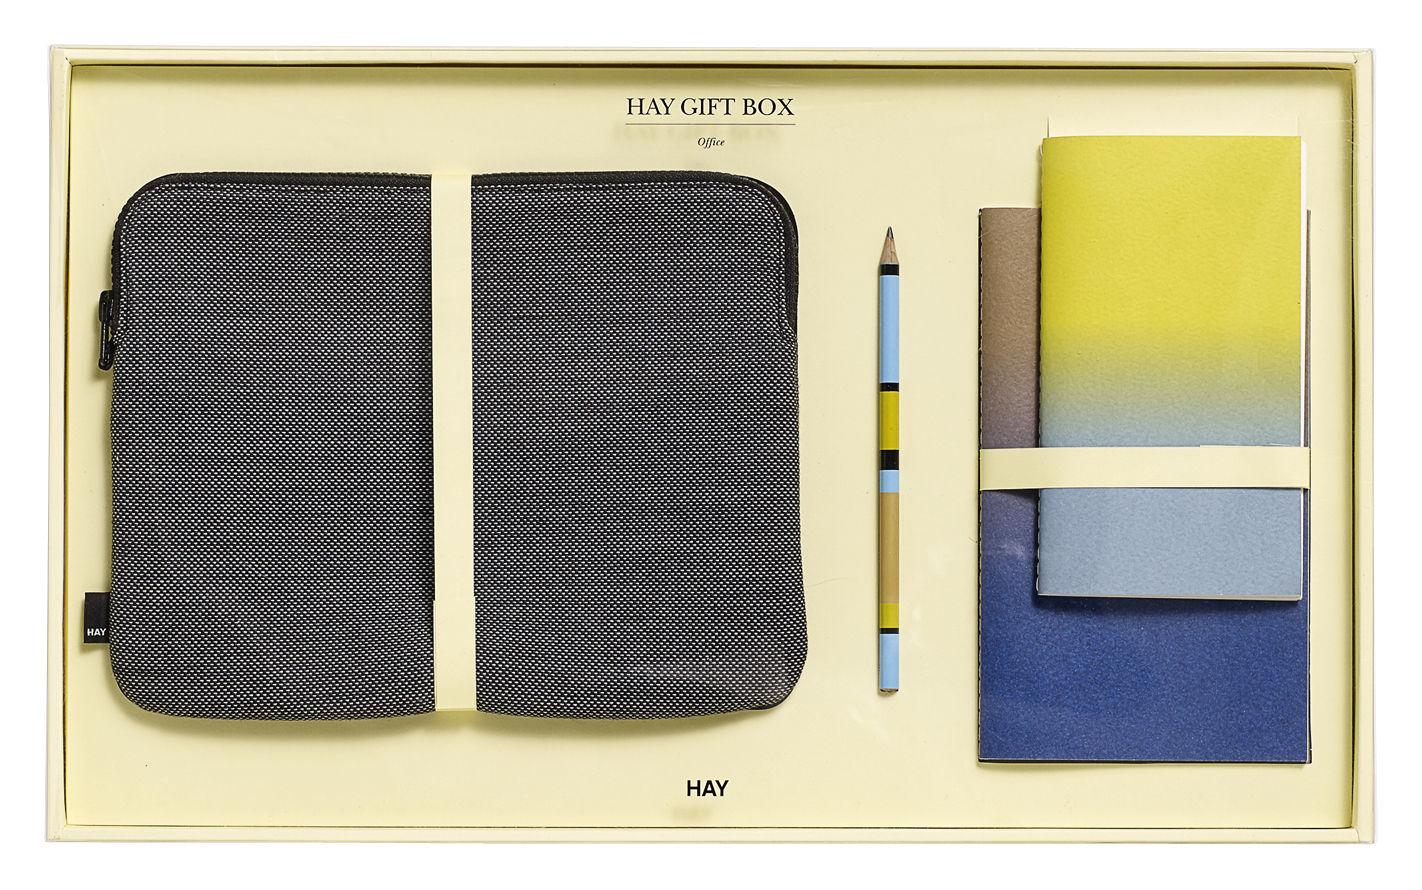 Accessoires - Accessoires bureau - Coffret Bureau Large / 1 housse pour tablette, 2 carnets, 1 crayon - Hay - Gris foncé / Multicolore - Bois, Laine, Nylon, Papier